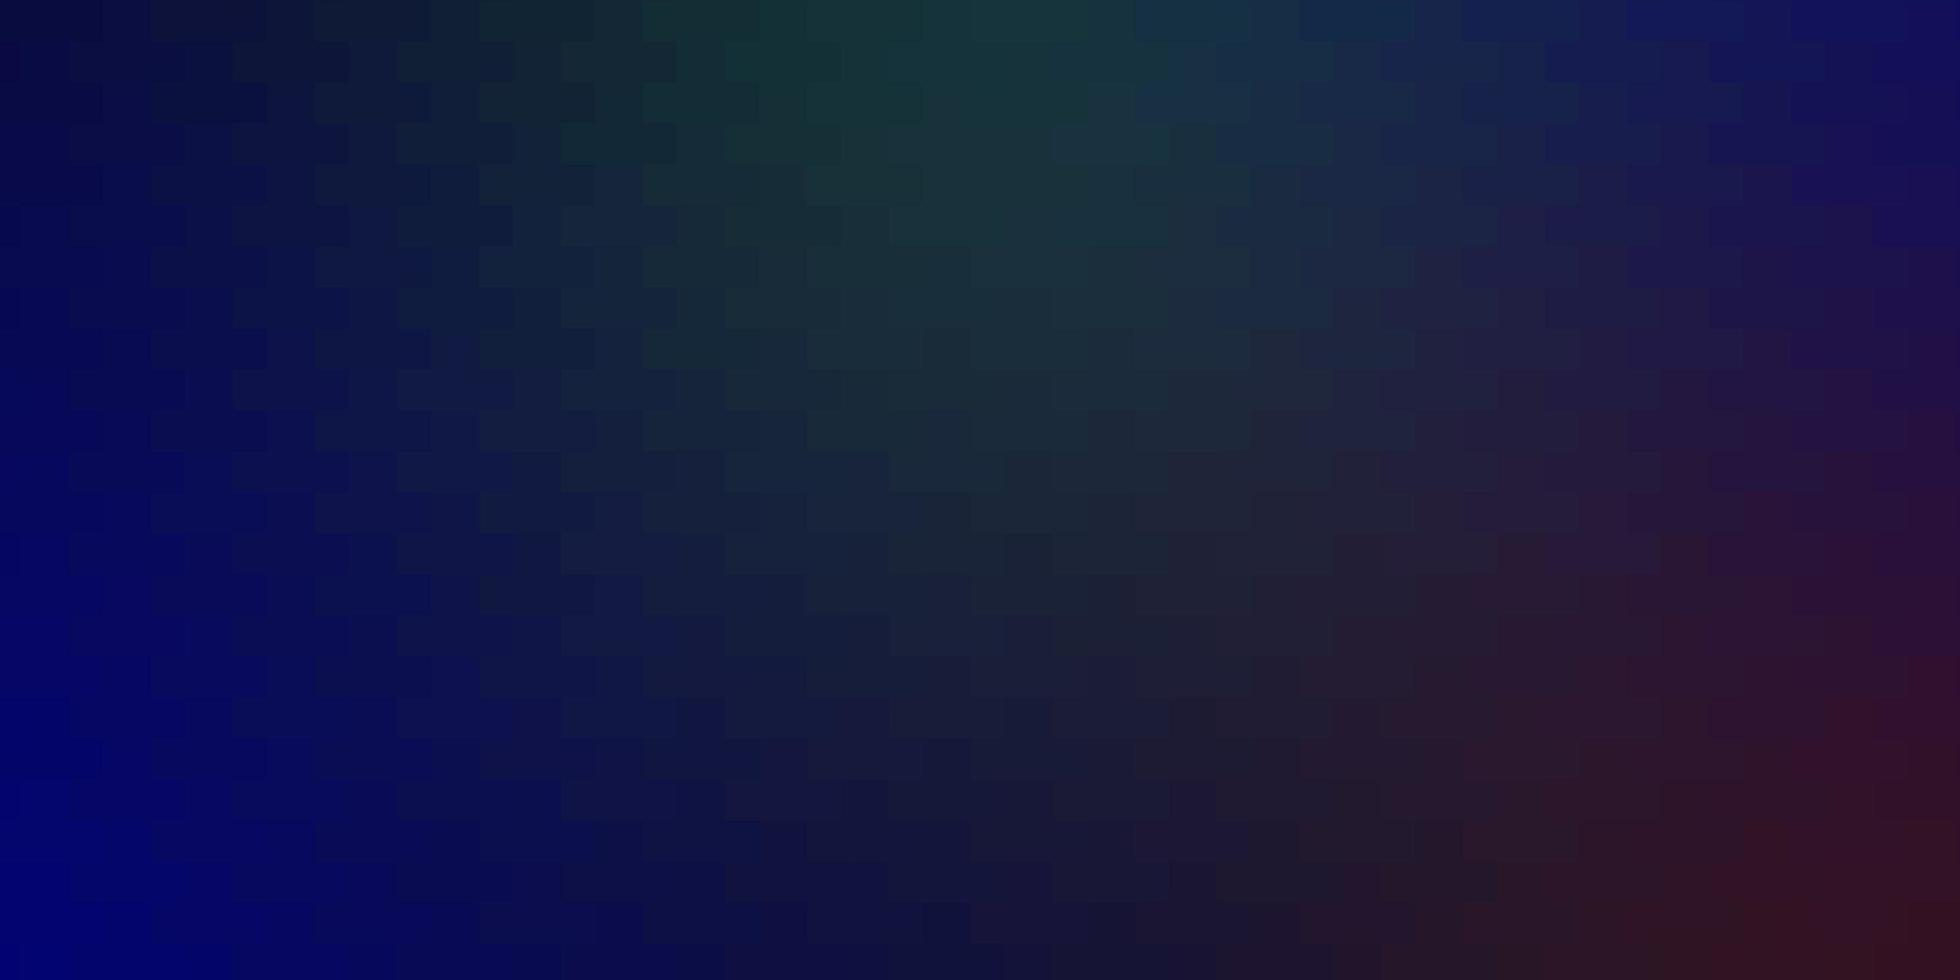 texture de vecteur bleu clair, rouge dans un style rectangulaire.